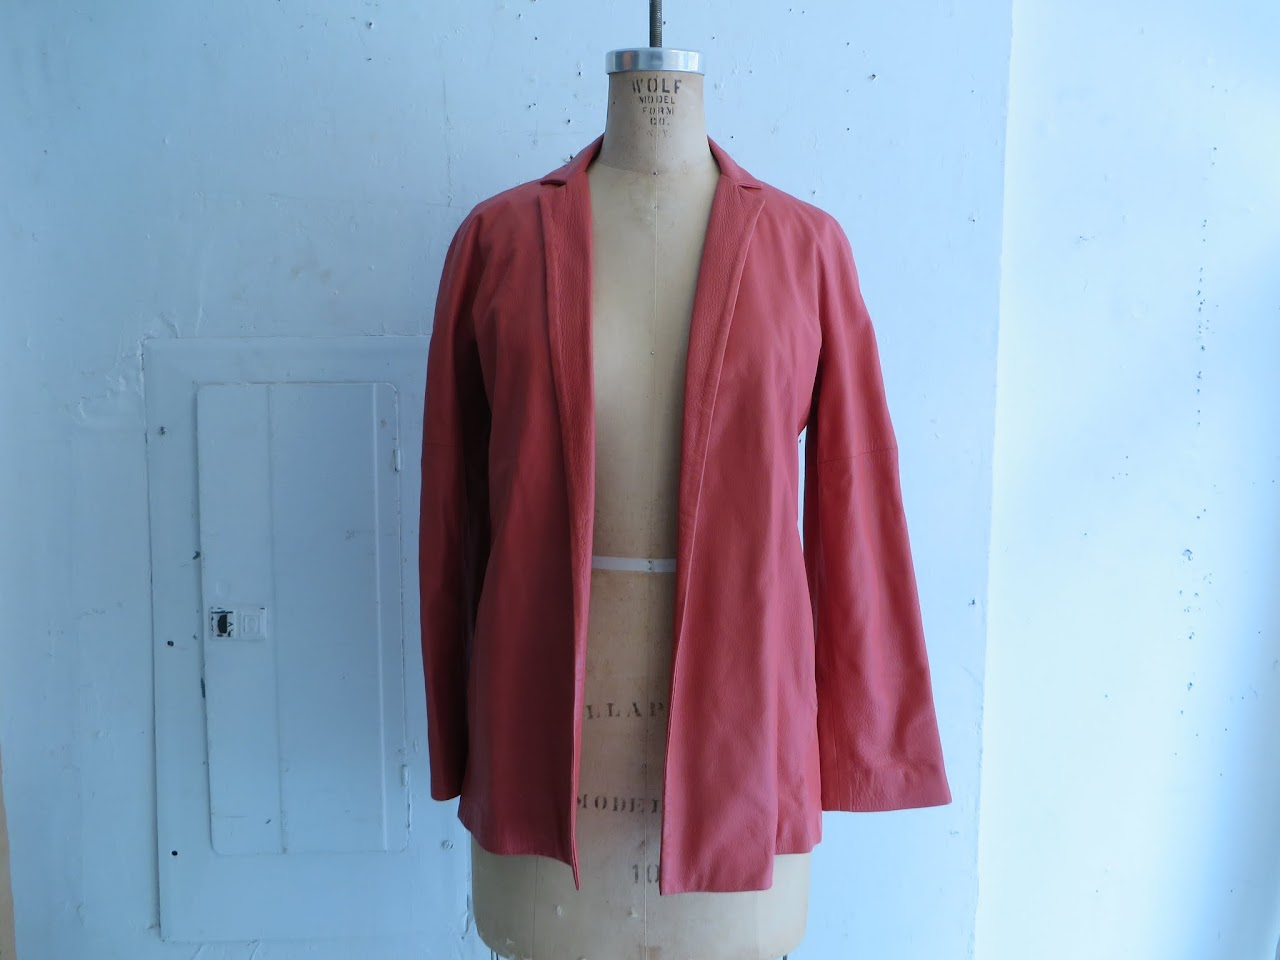 Bottega Veneta Salmon Leather Blazer